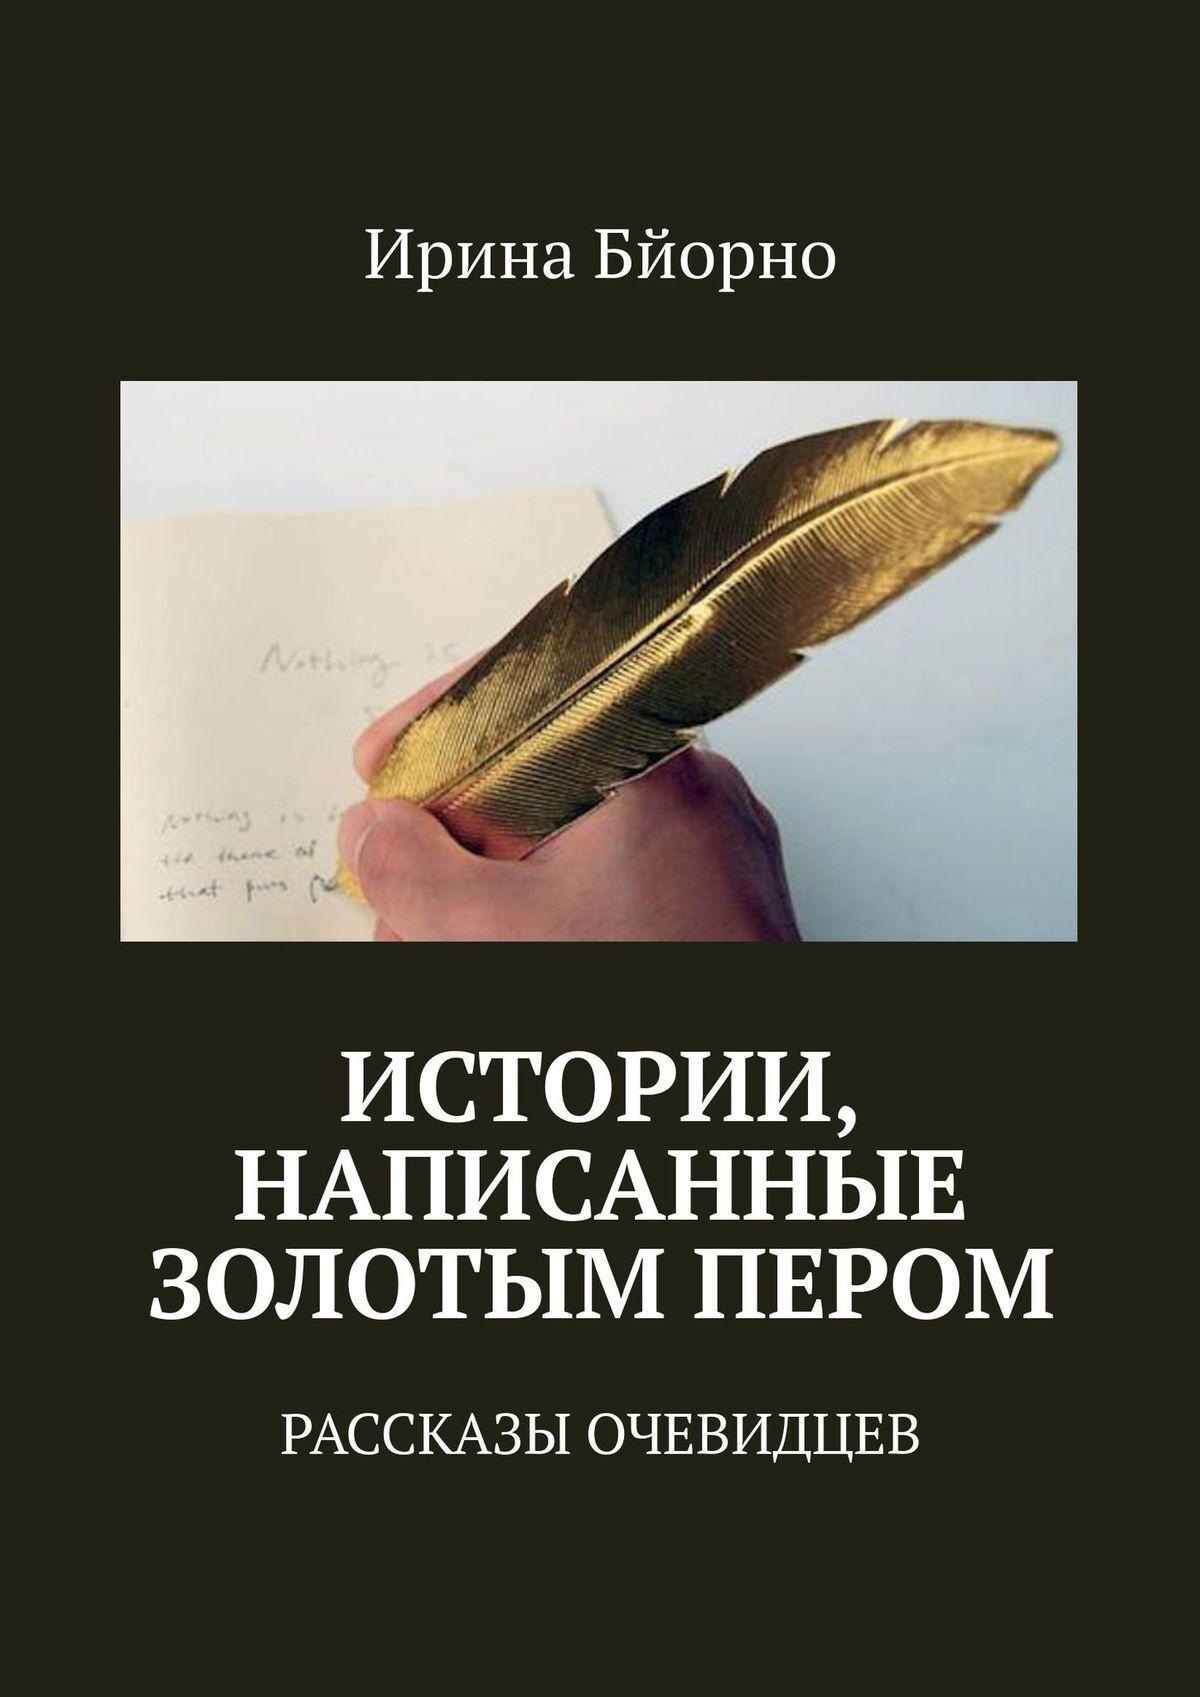 Ирина Бйорно Истории, написанные золотым пером. Рассказы очевидцев belt husky belt